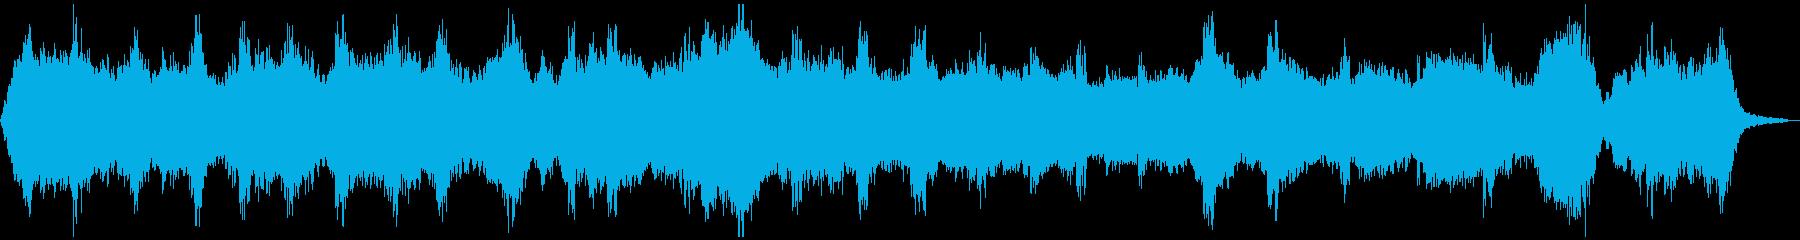 Monolithの再生済みの波形